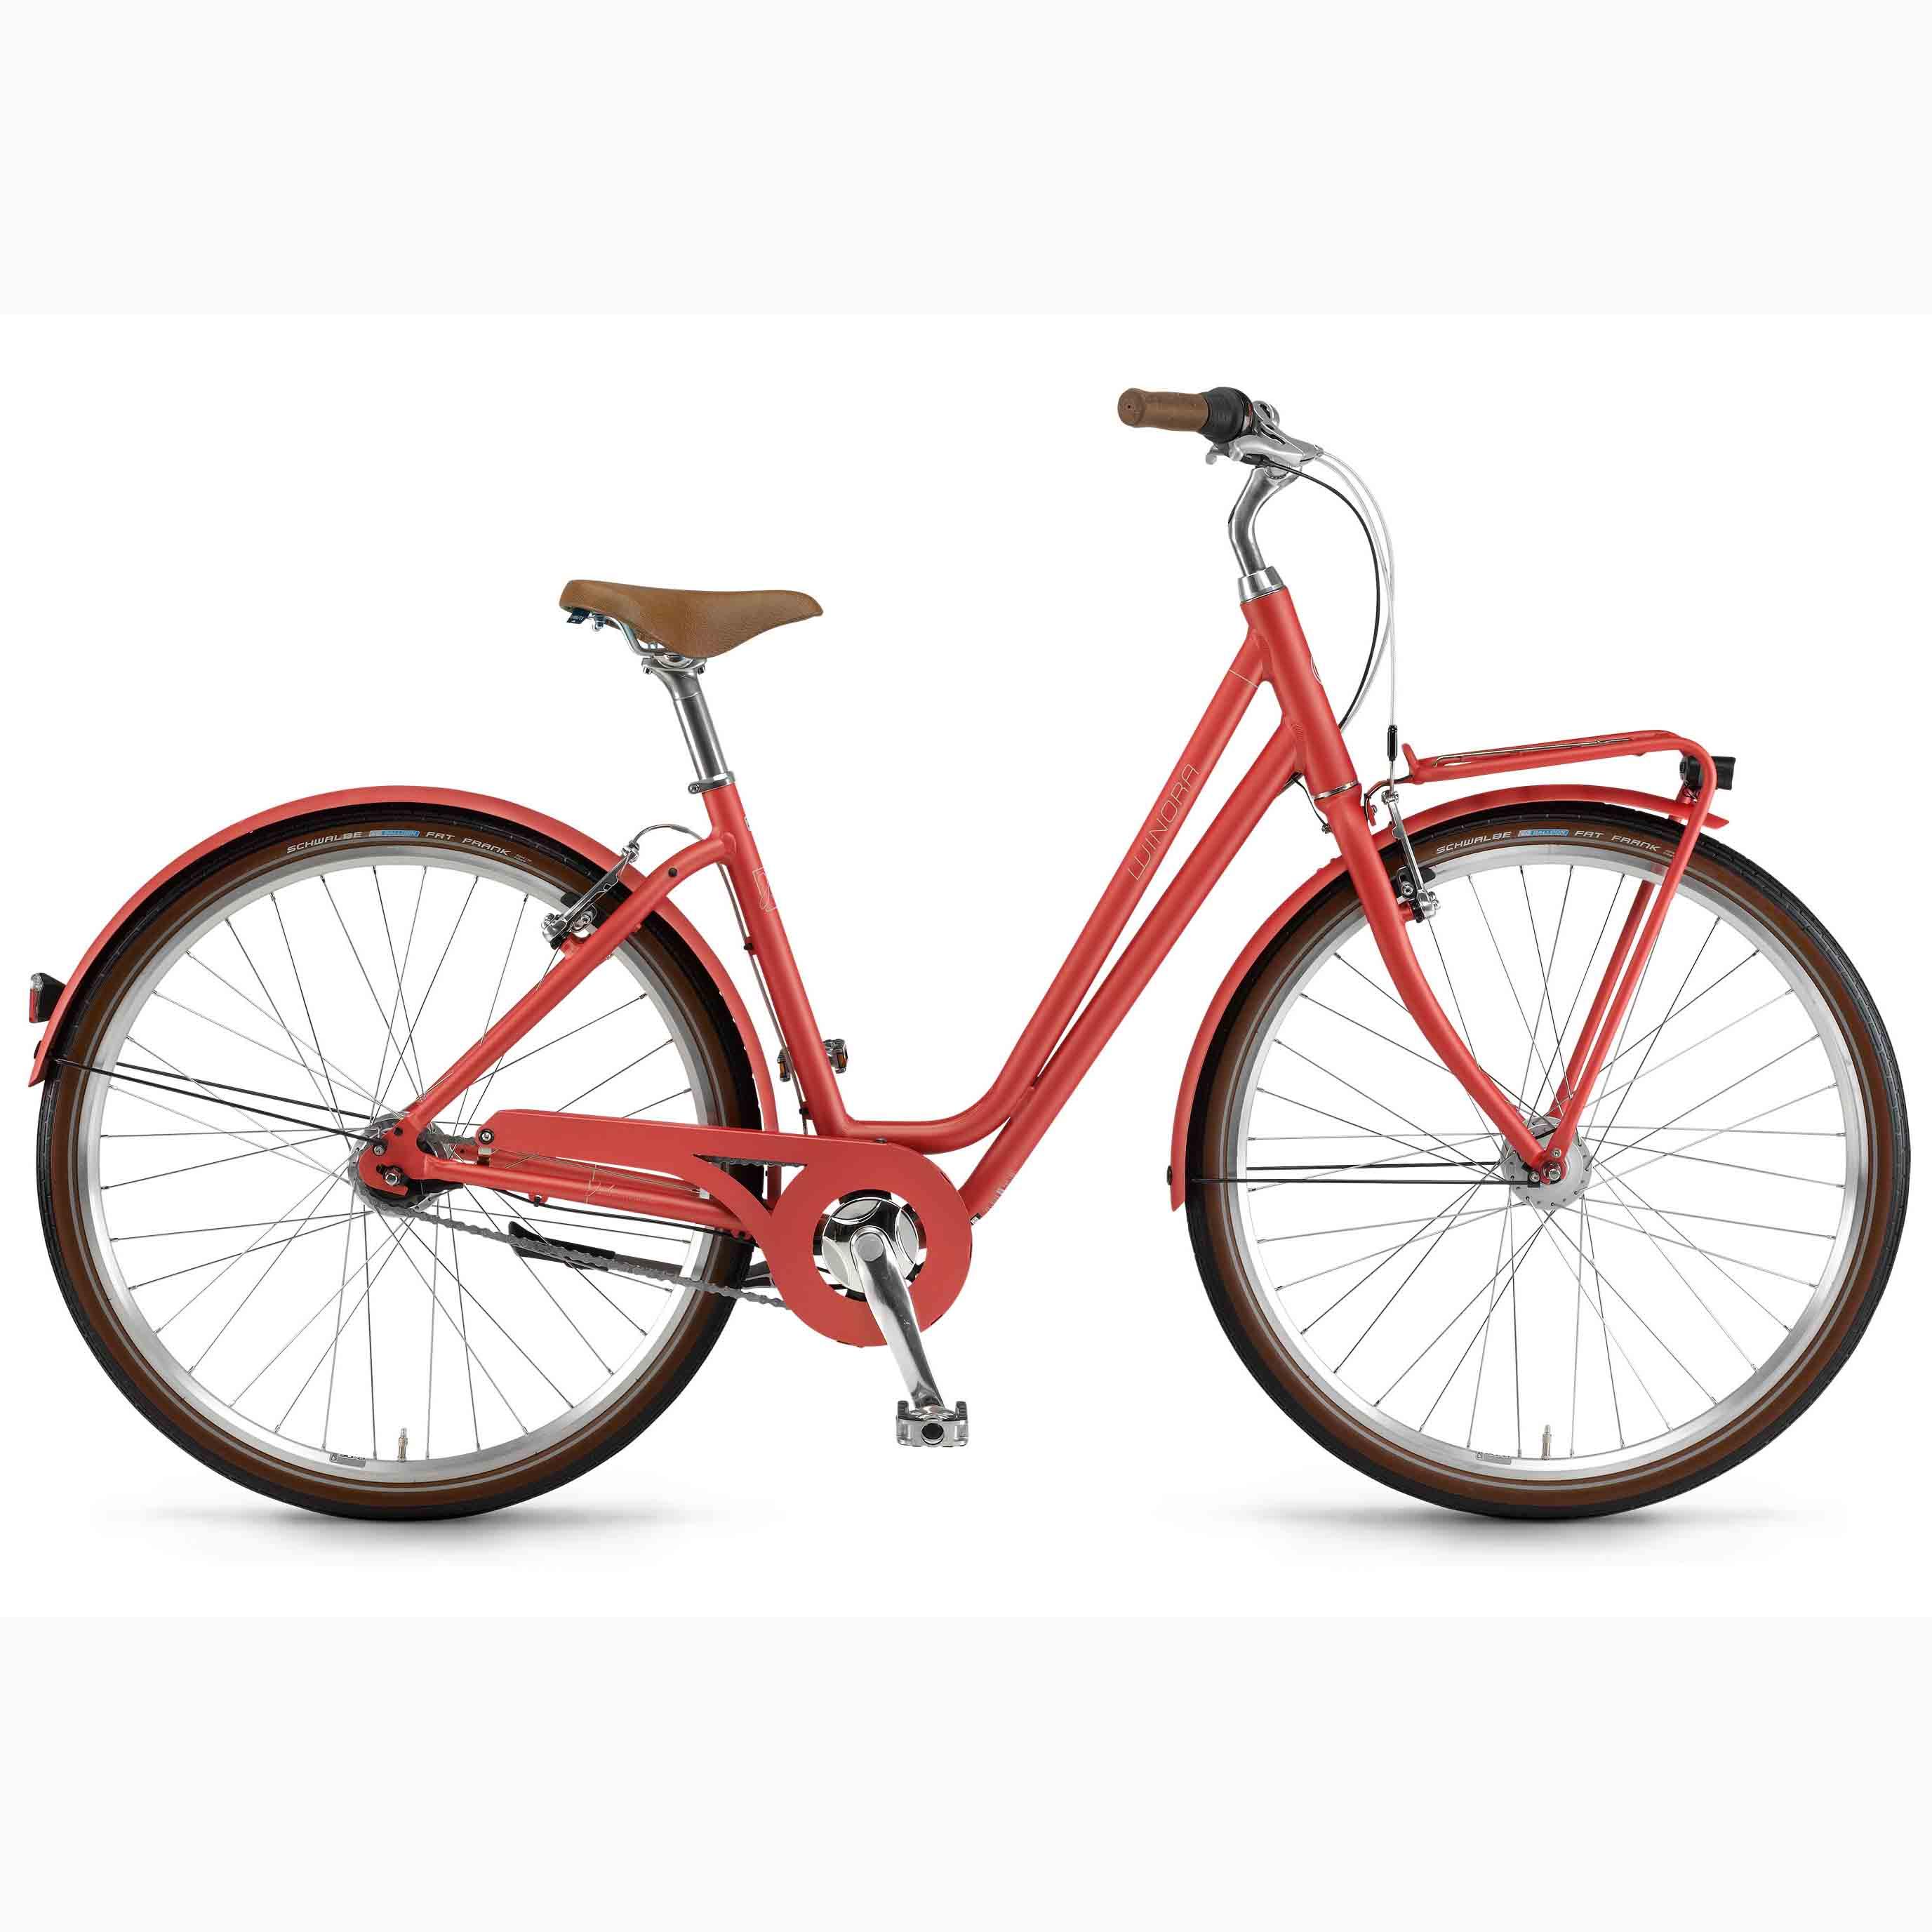 Фото Велосипед Winora Jade FT 28″ 7s Nexus, рама 48см, 2018